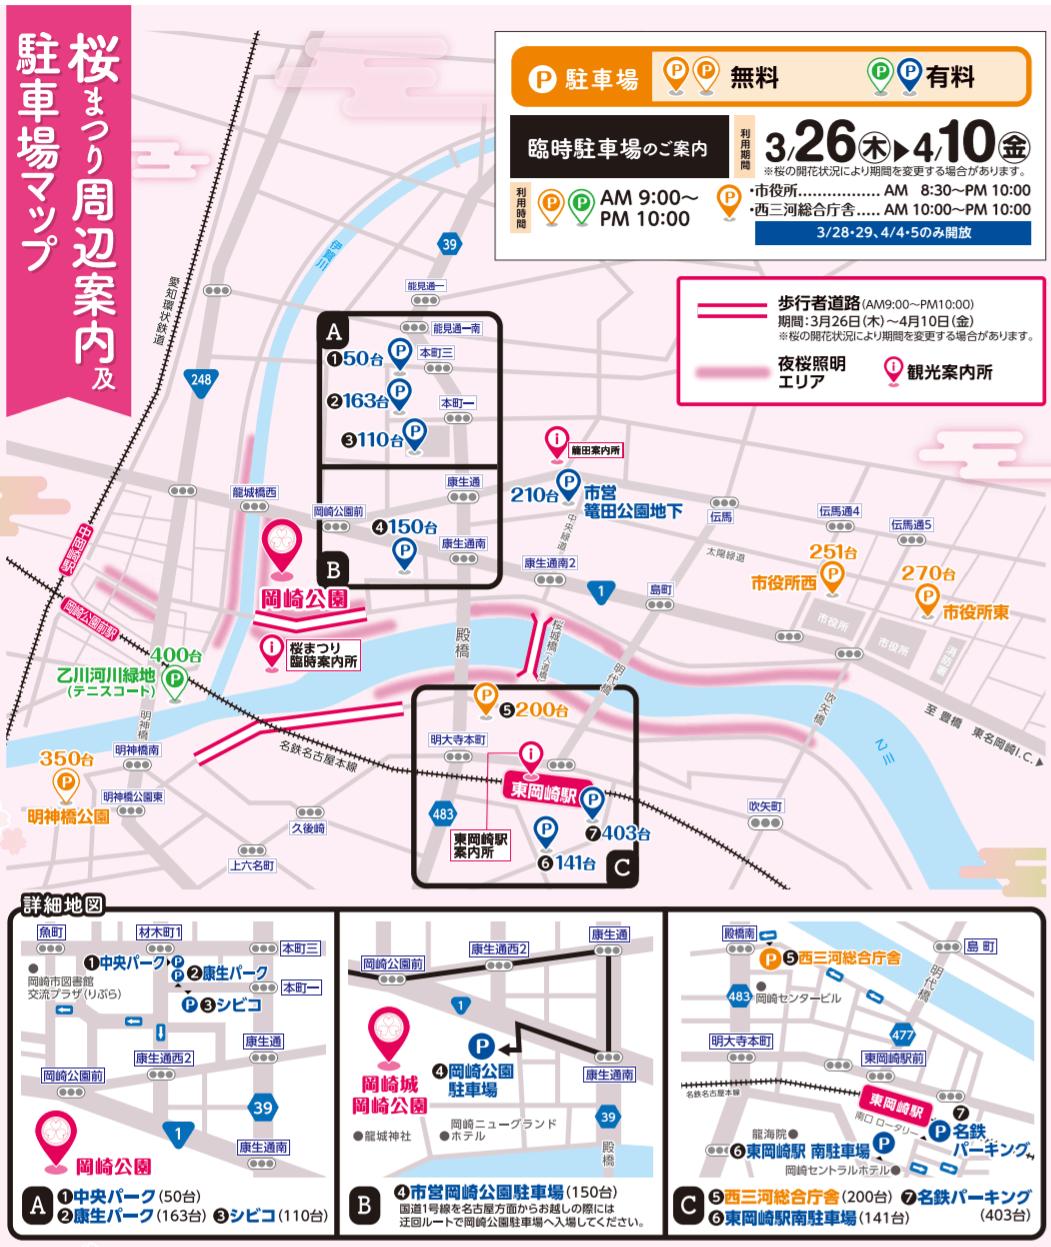 岡崎 桜まつり 駐車場 地図